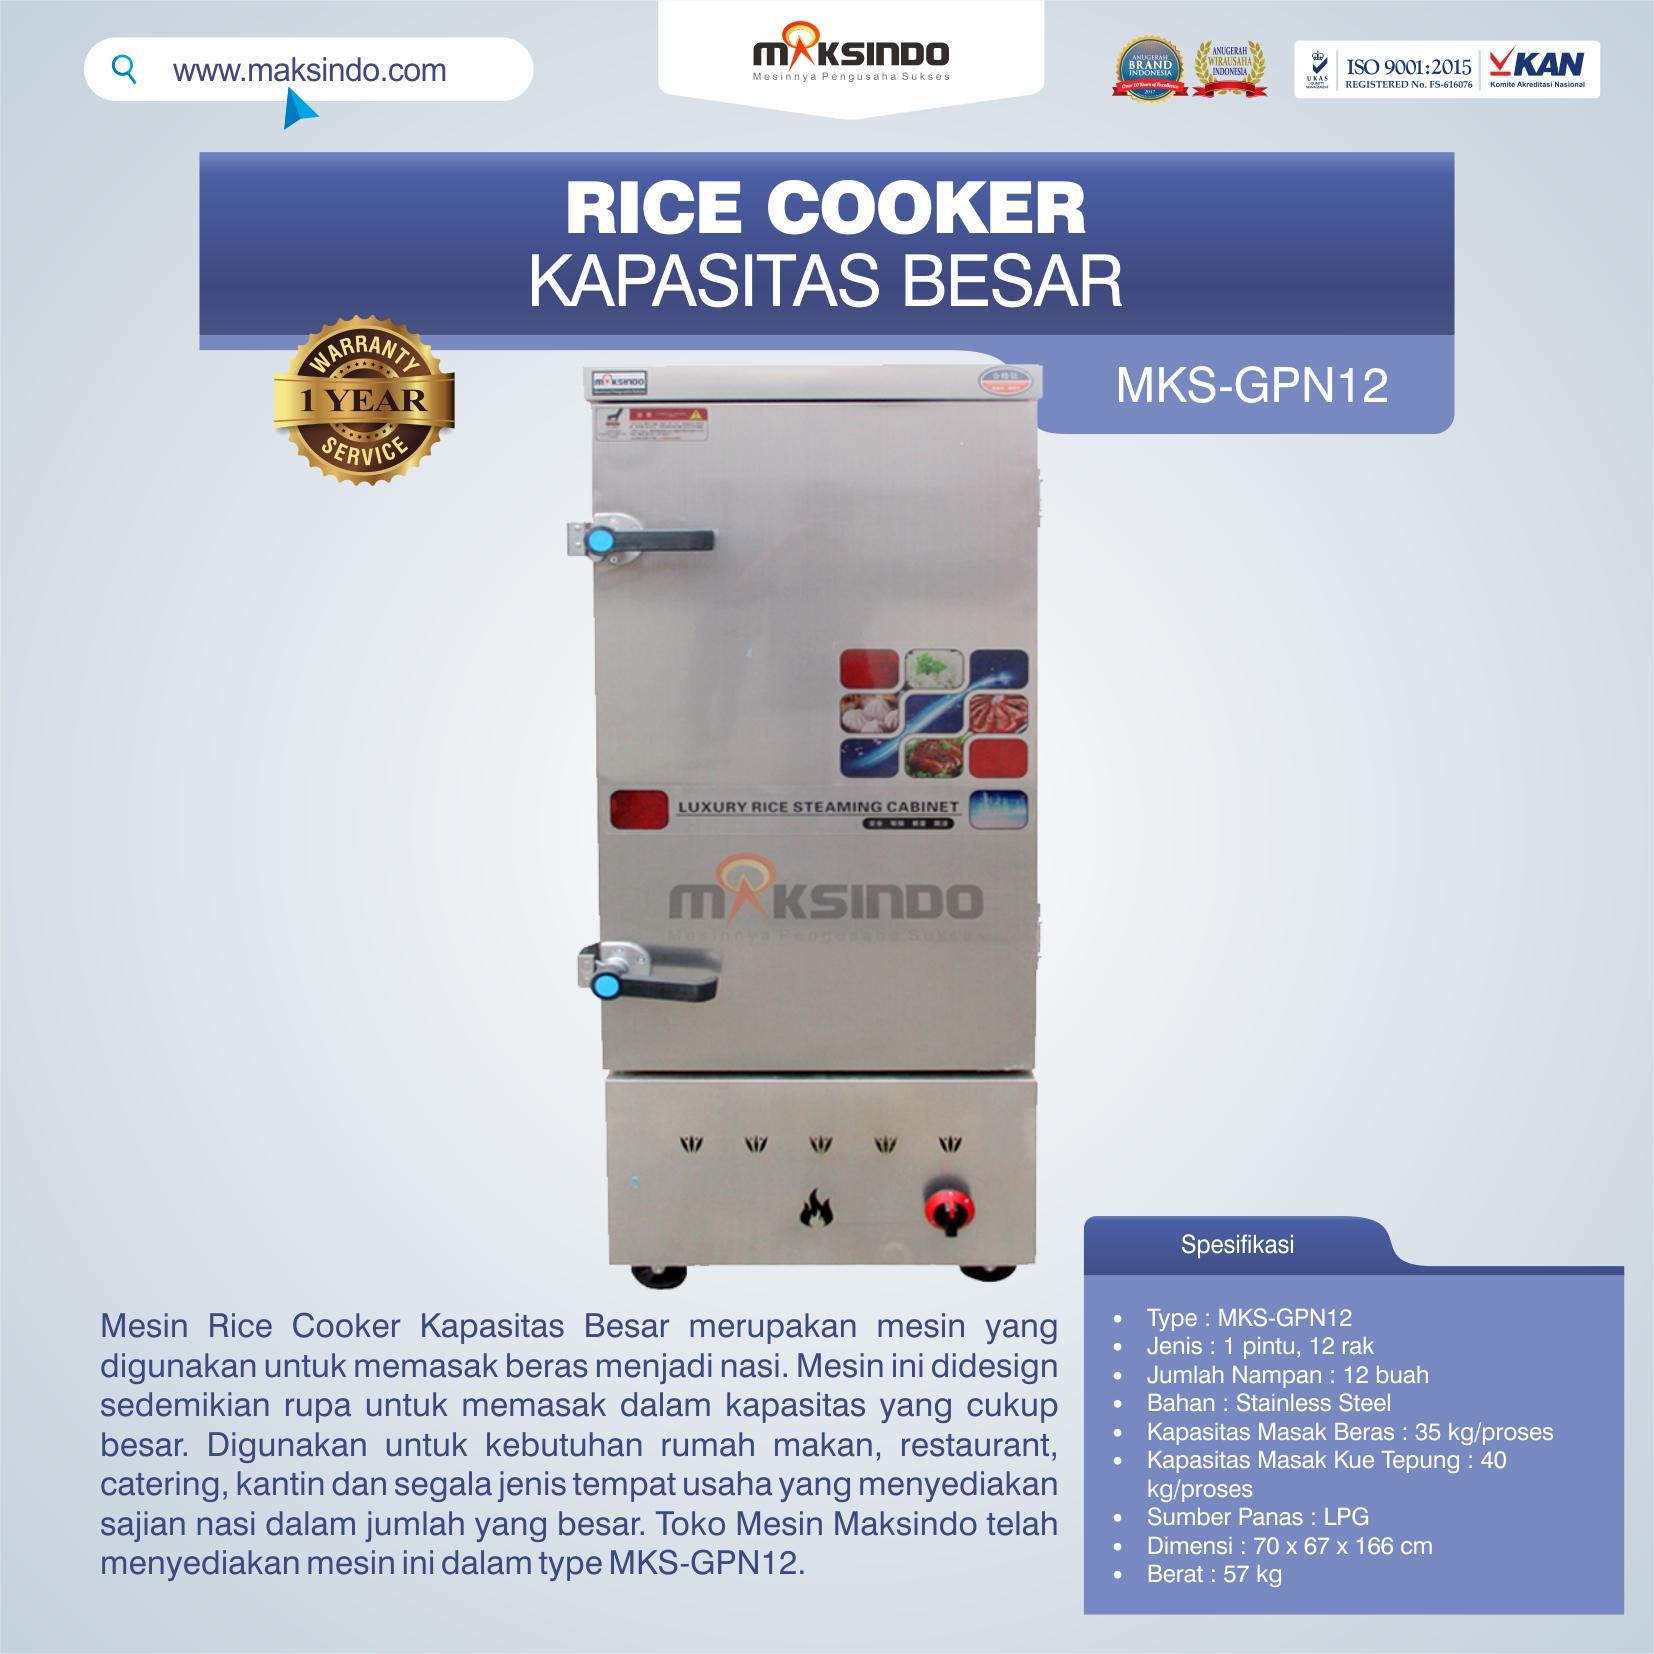 Jual Mesin Rice Cooker Kapasitas Besar MKS-GPN12 di Bekasi